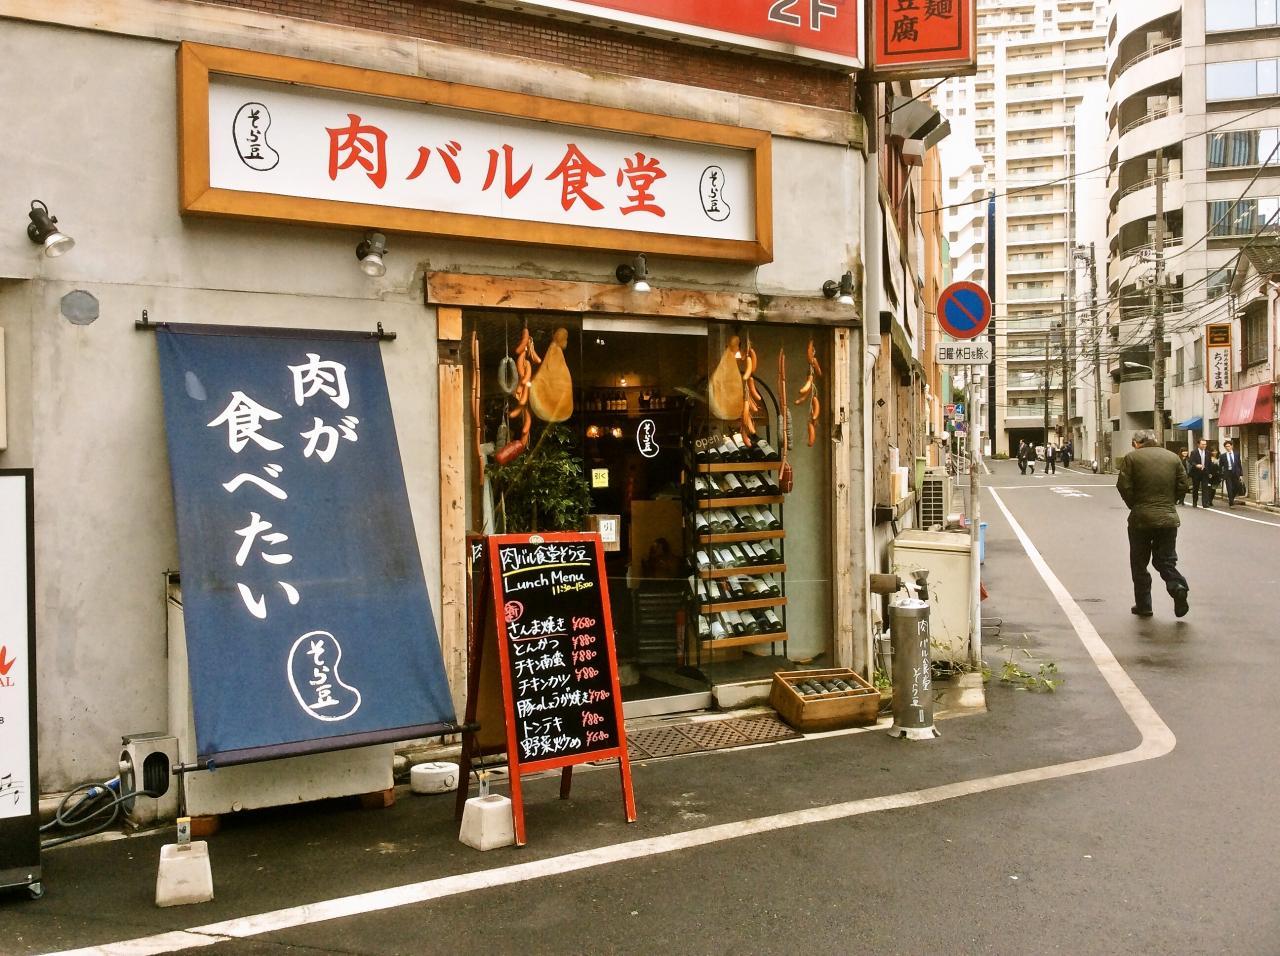 そら豆五反田店(店舗外観)